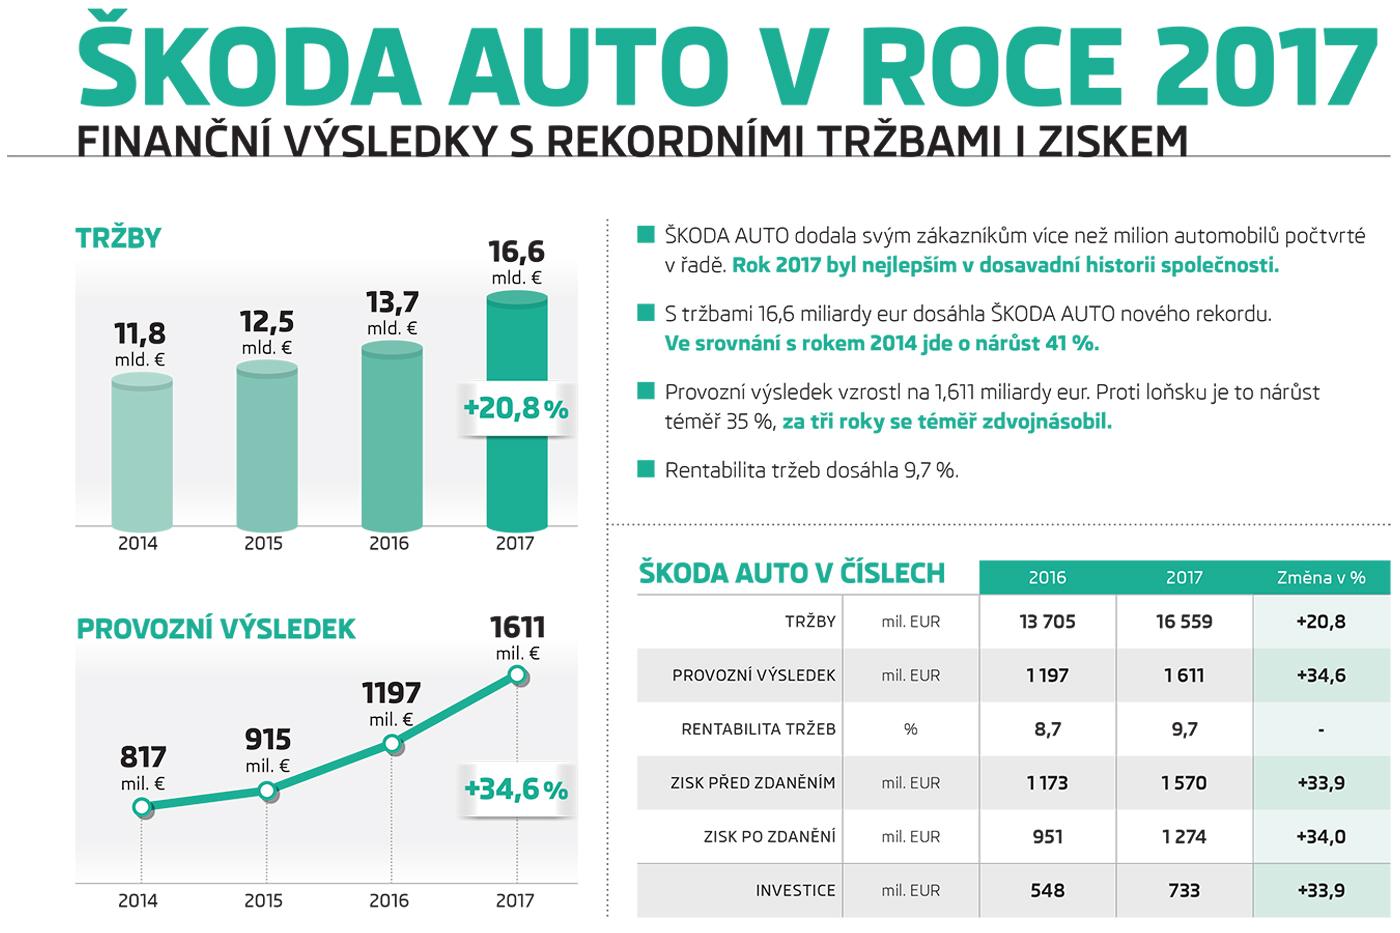 Společnost ŠKODA AUTO dosáhla v roce 2017 nových prodejních a finančních rekordů